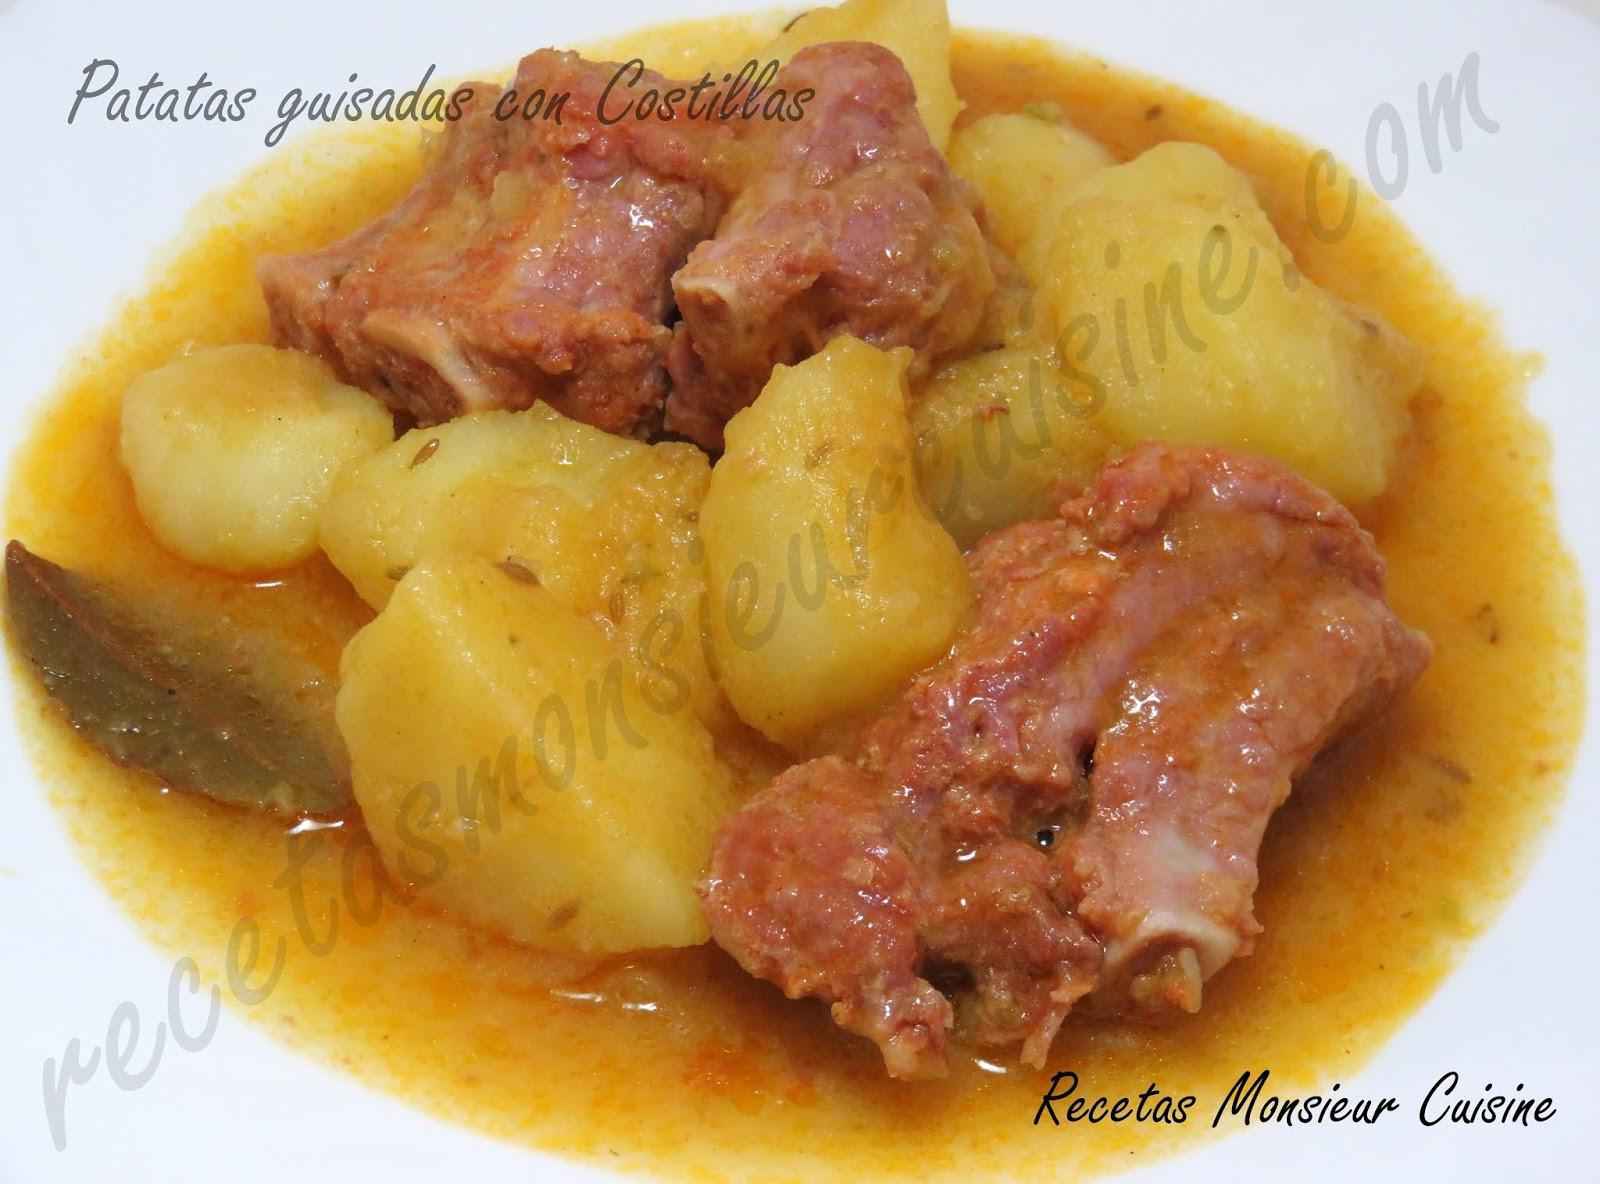 Recetas Monsieur Cuisine Patatas Guisadas Con Costillas